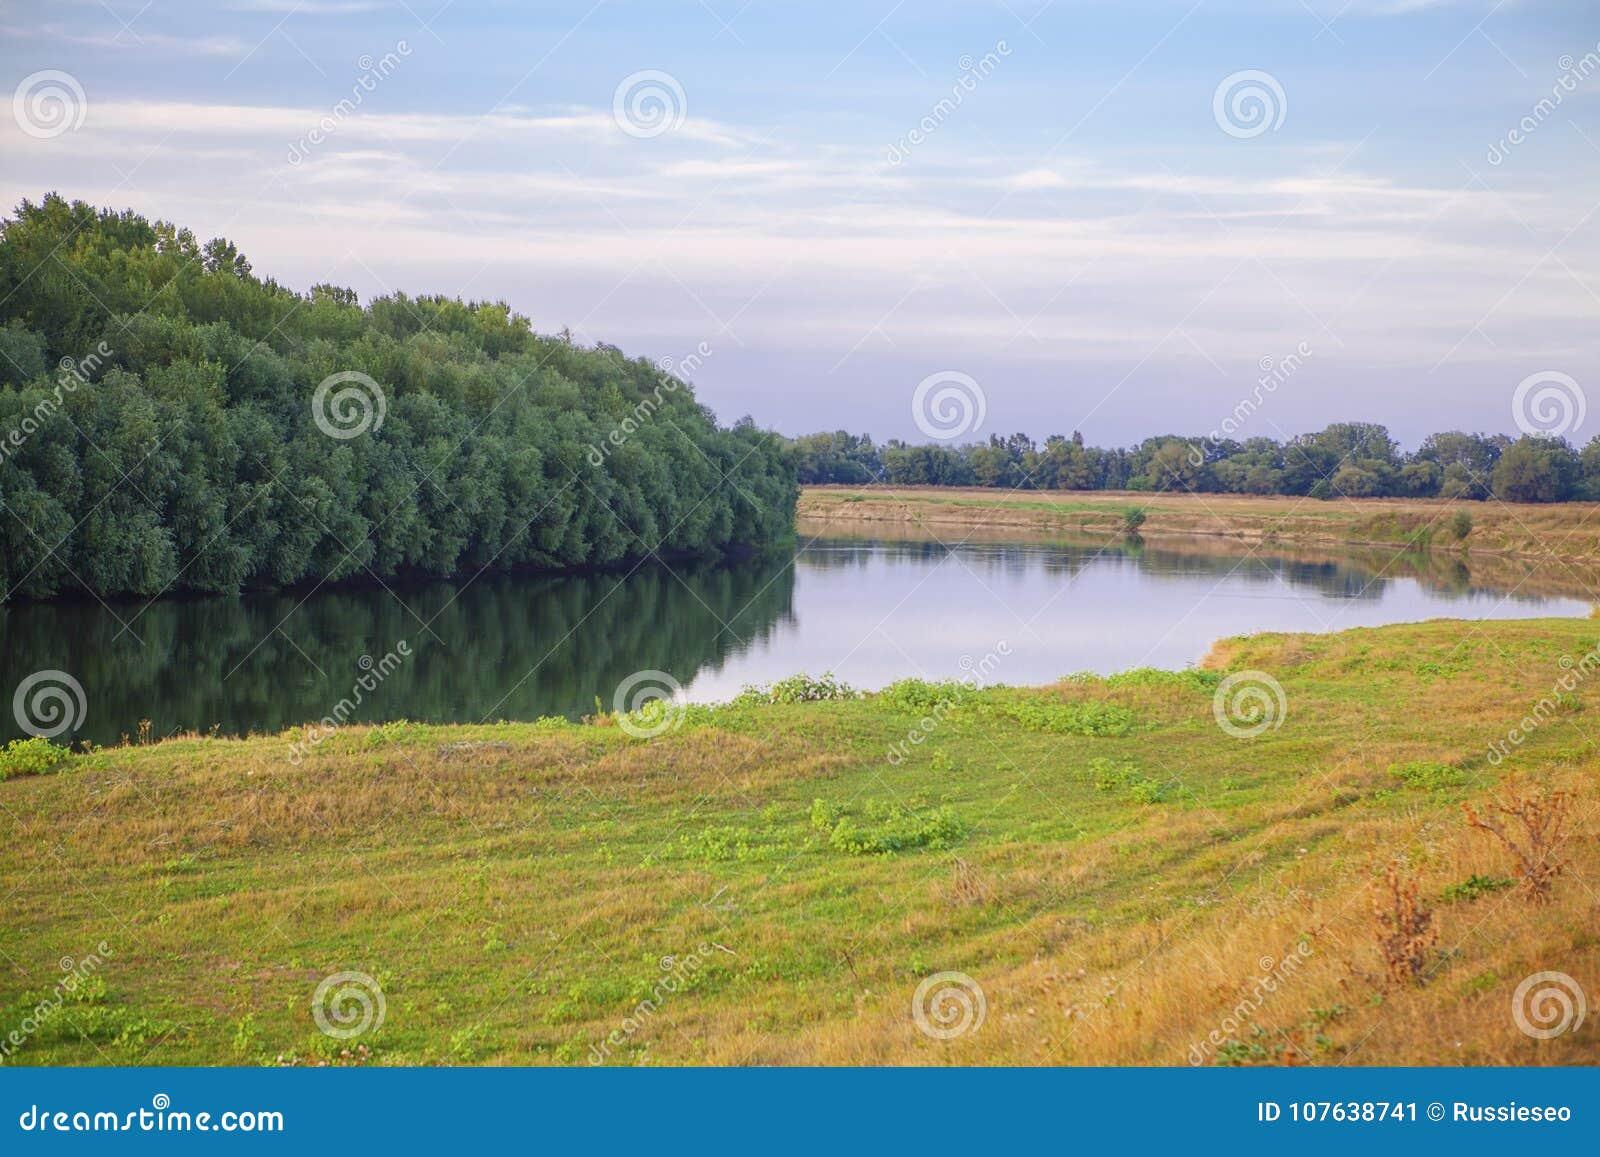 Sommerlandschaft mit Fluss